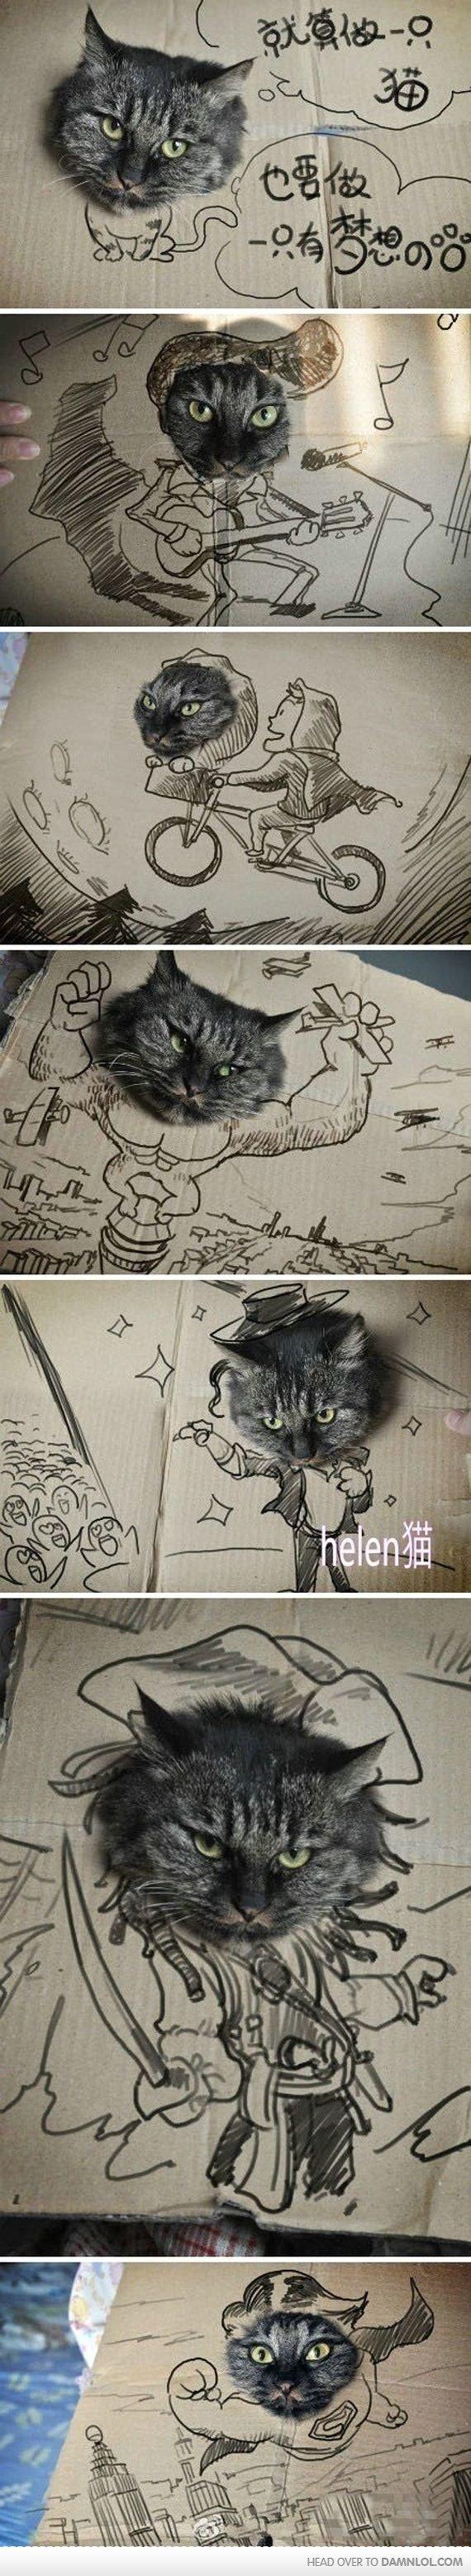 Cats. Cats cats cats cats.